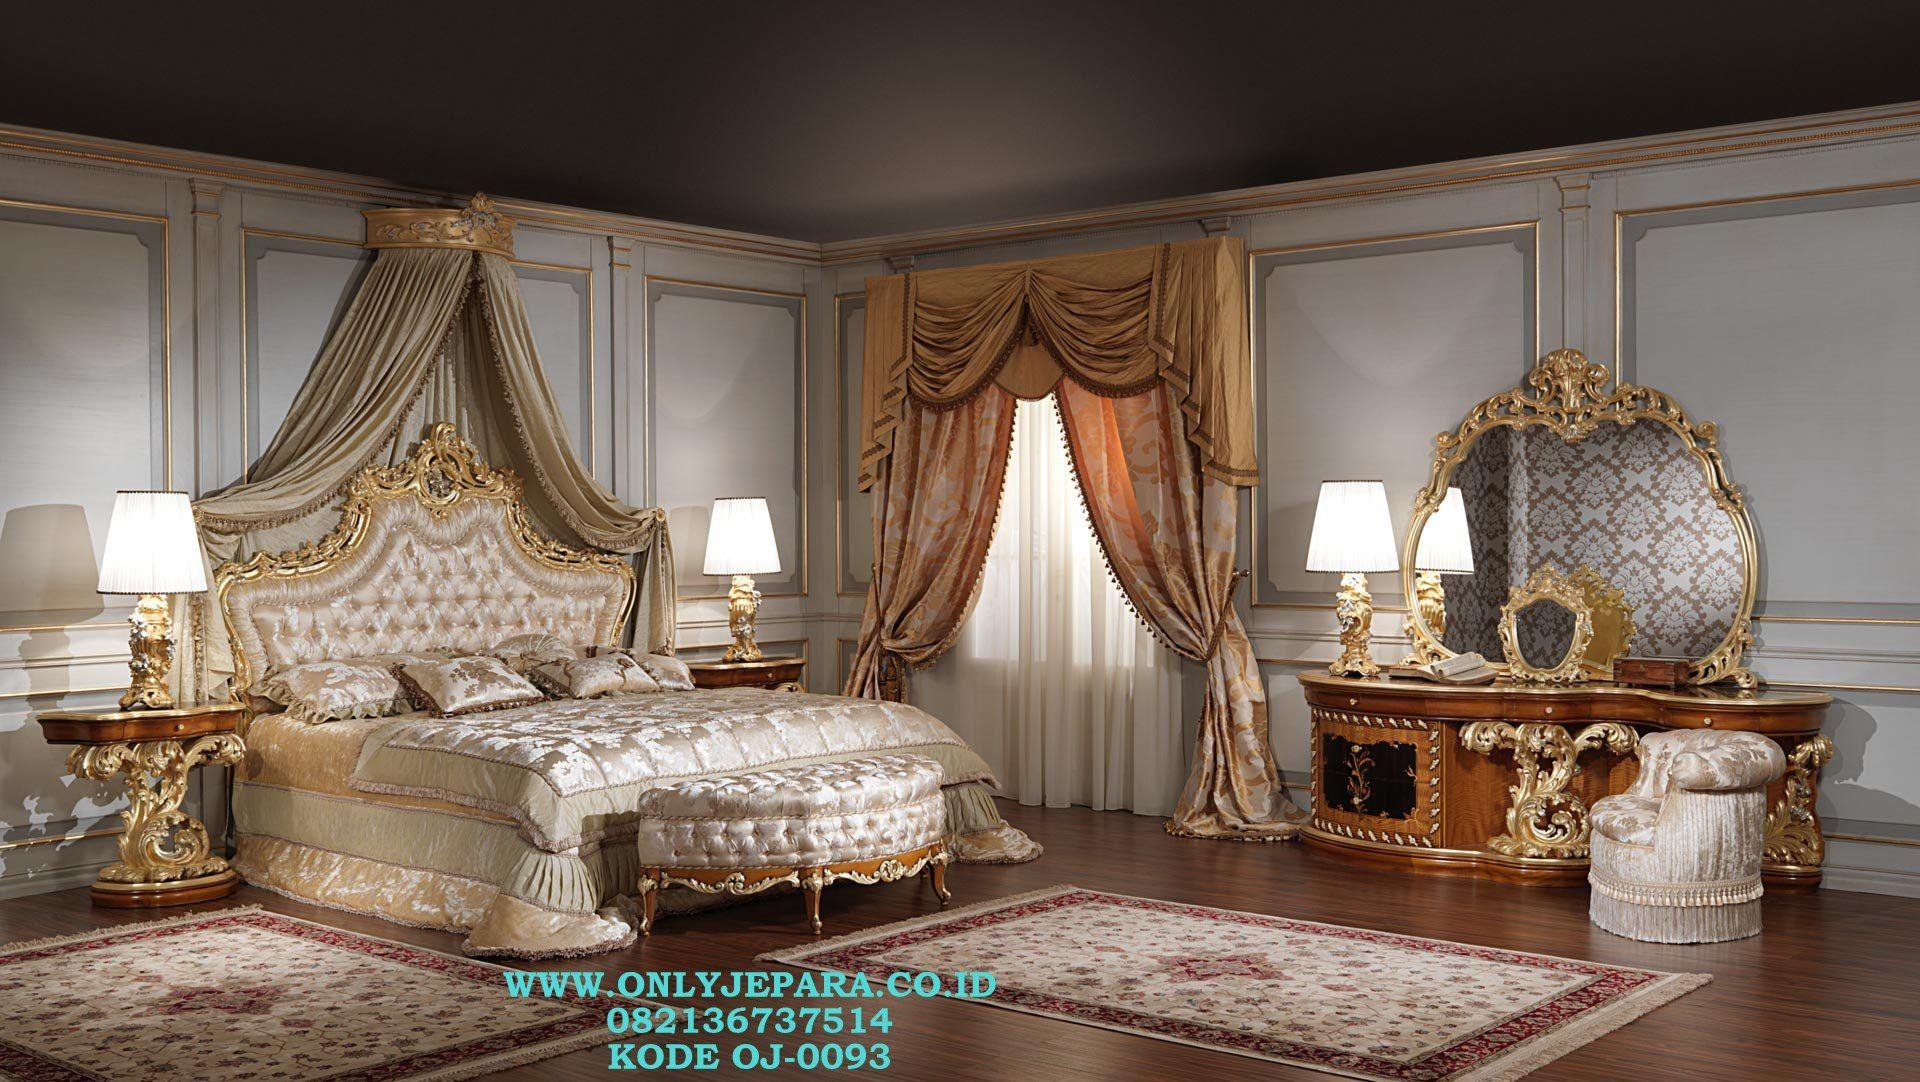 Jasa Pembuatan Kamar Set Ukir Luxury Klasik